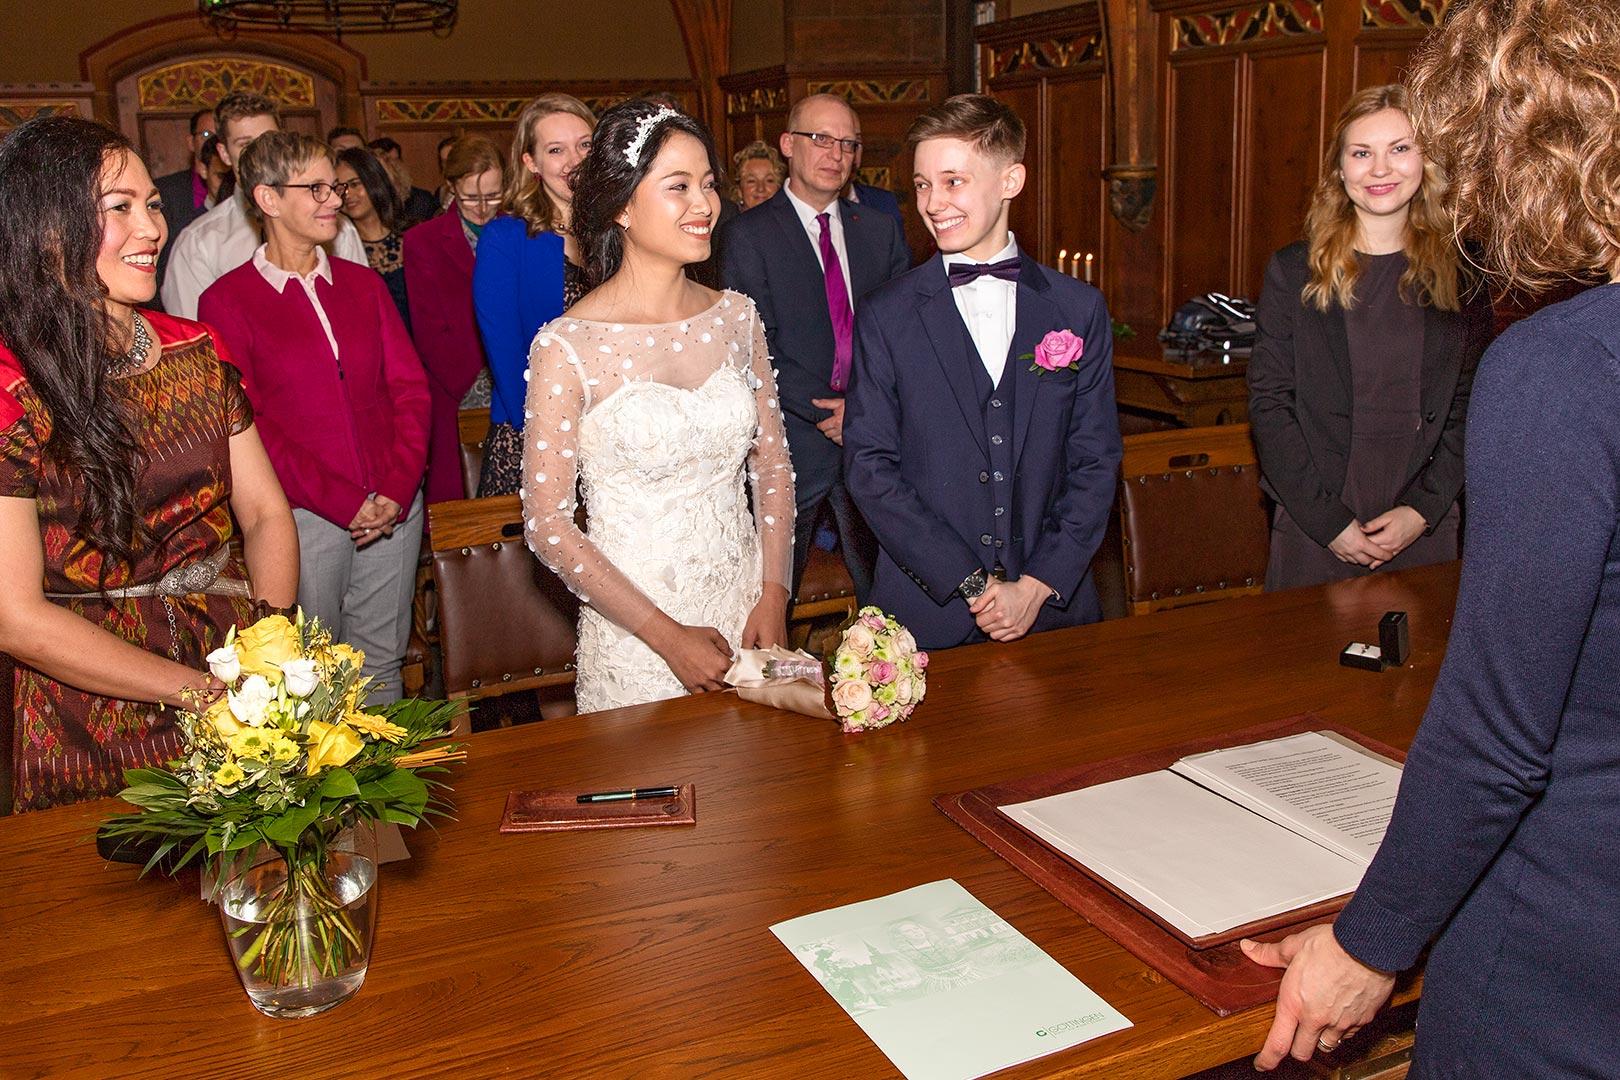 Hochzeitsfotografie: Hochzeitspaar, Standesamt | Foto: Dieter Eikenberg, imprints